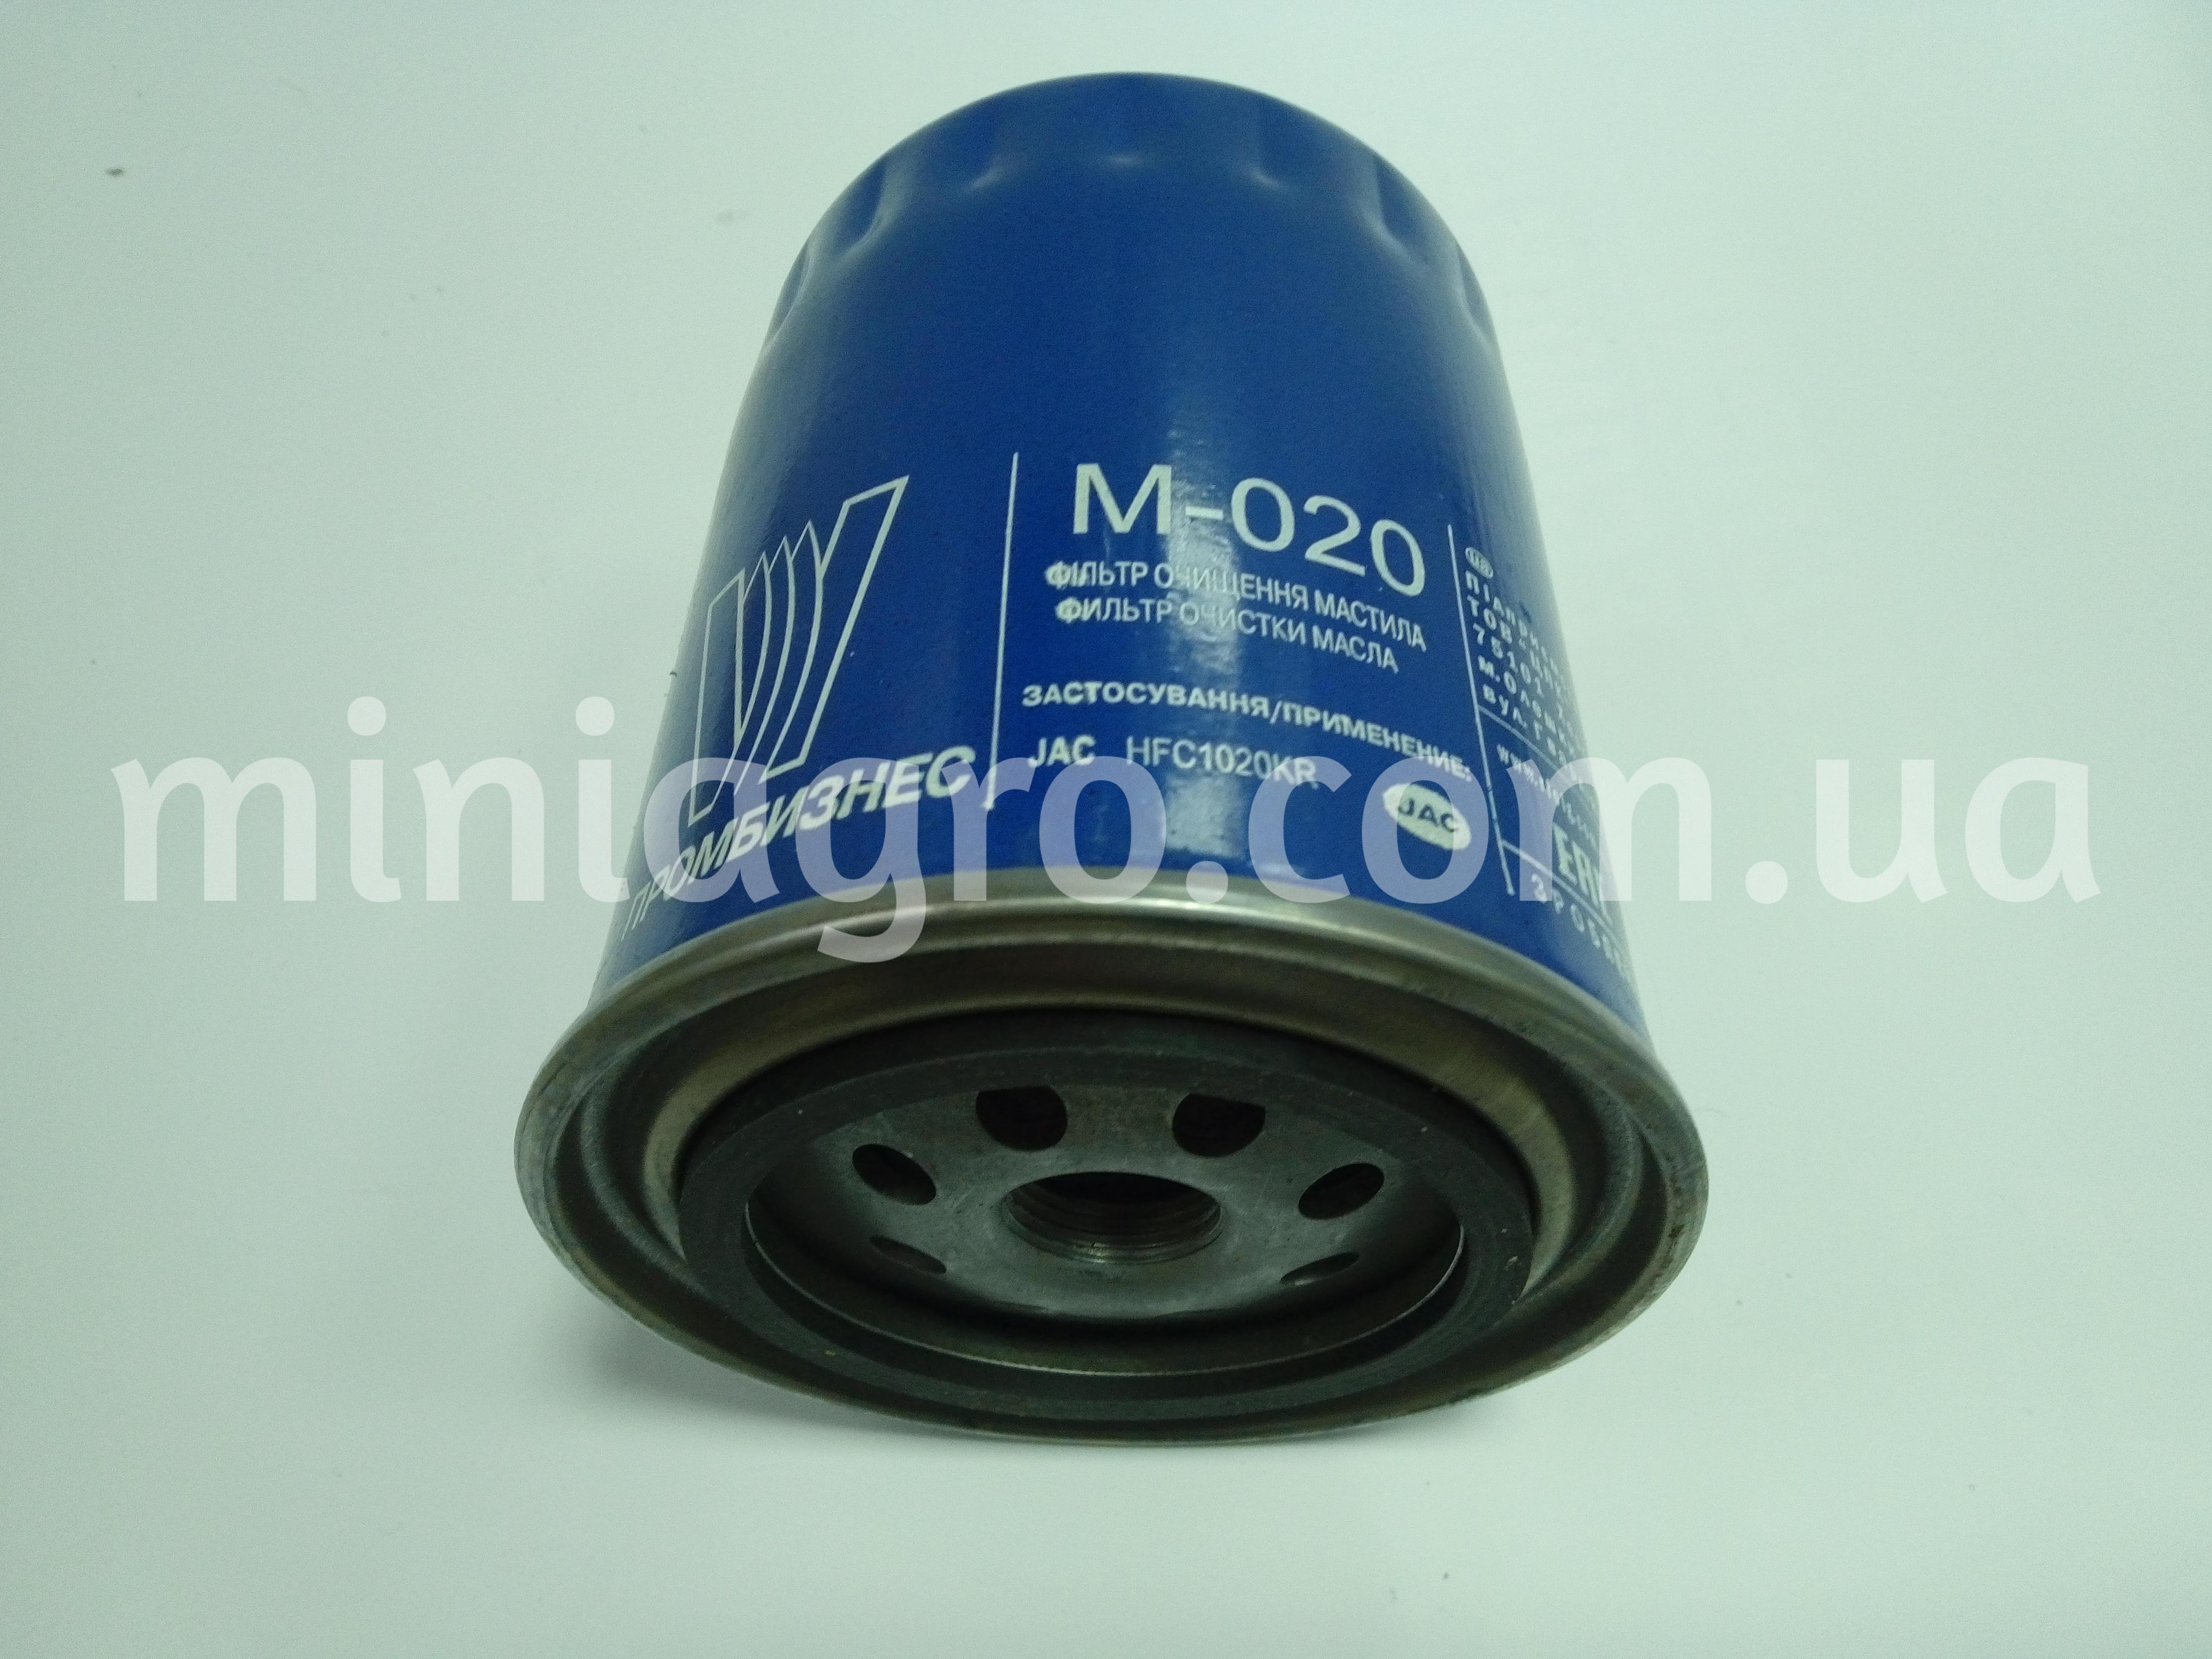 Фильтр масляный М-020 DF244 FS244